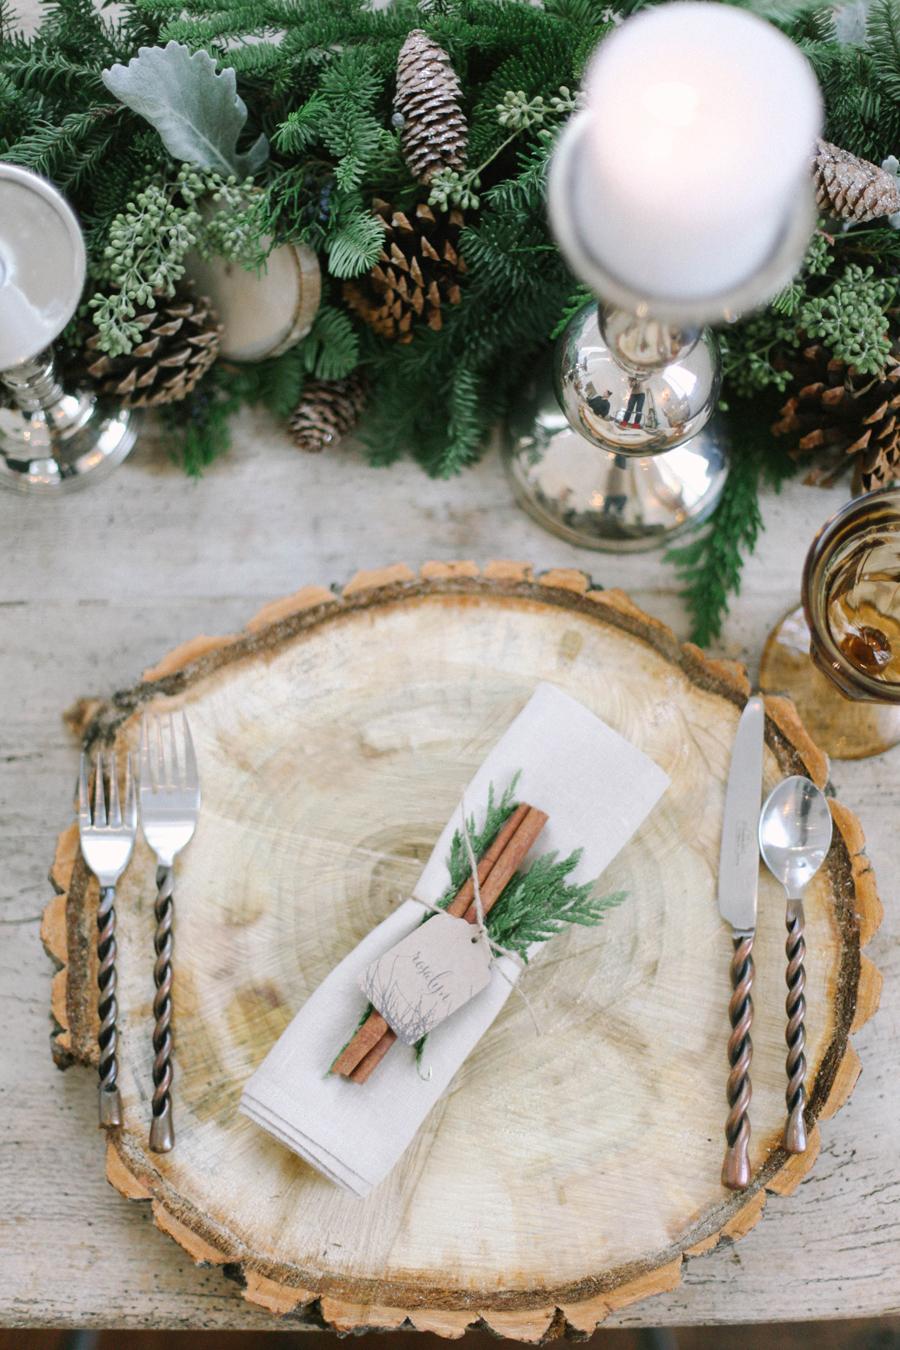 Rustic Winter Wedding Place Setting - Elizabeth Anne Designs: The Wedding  Blog